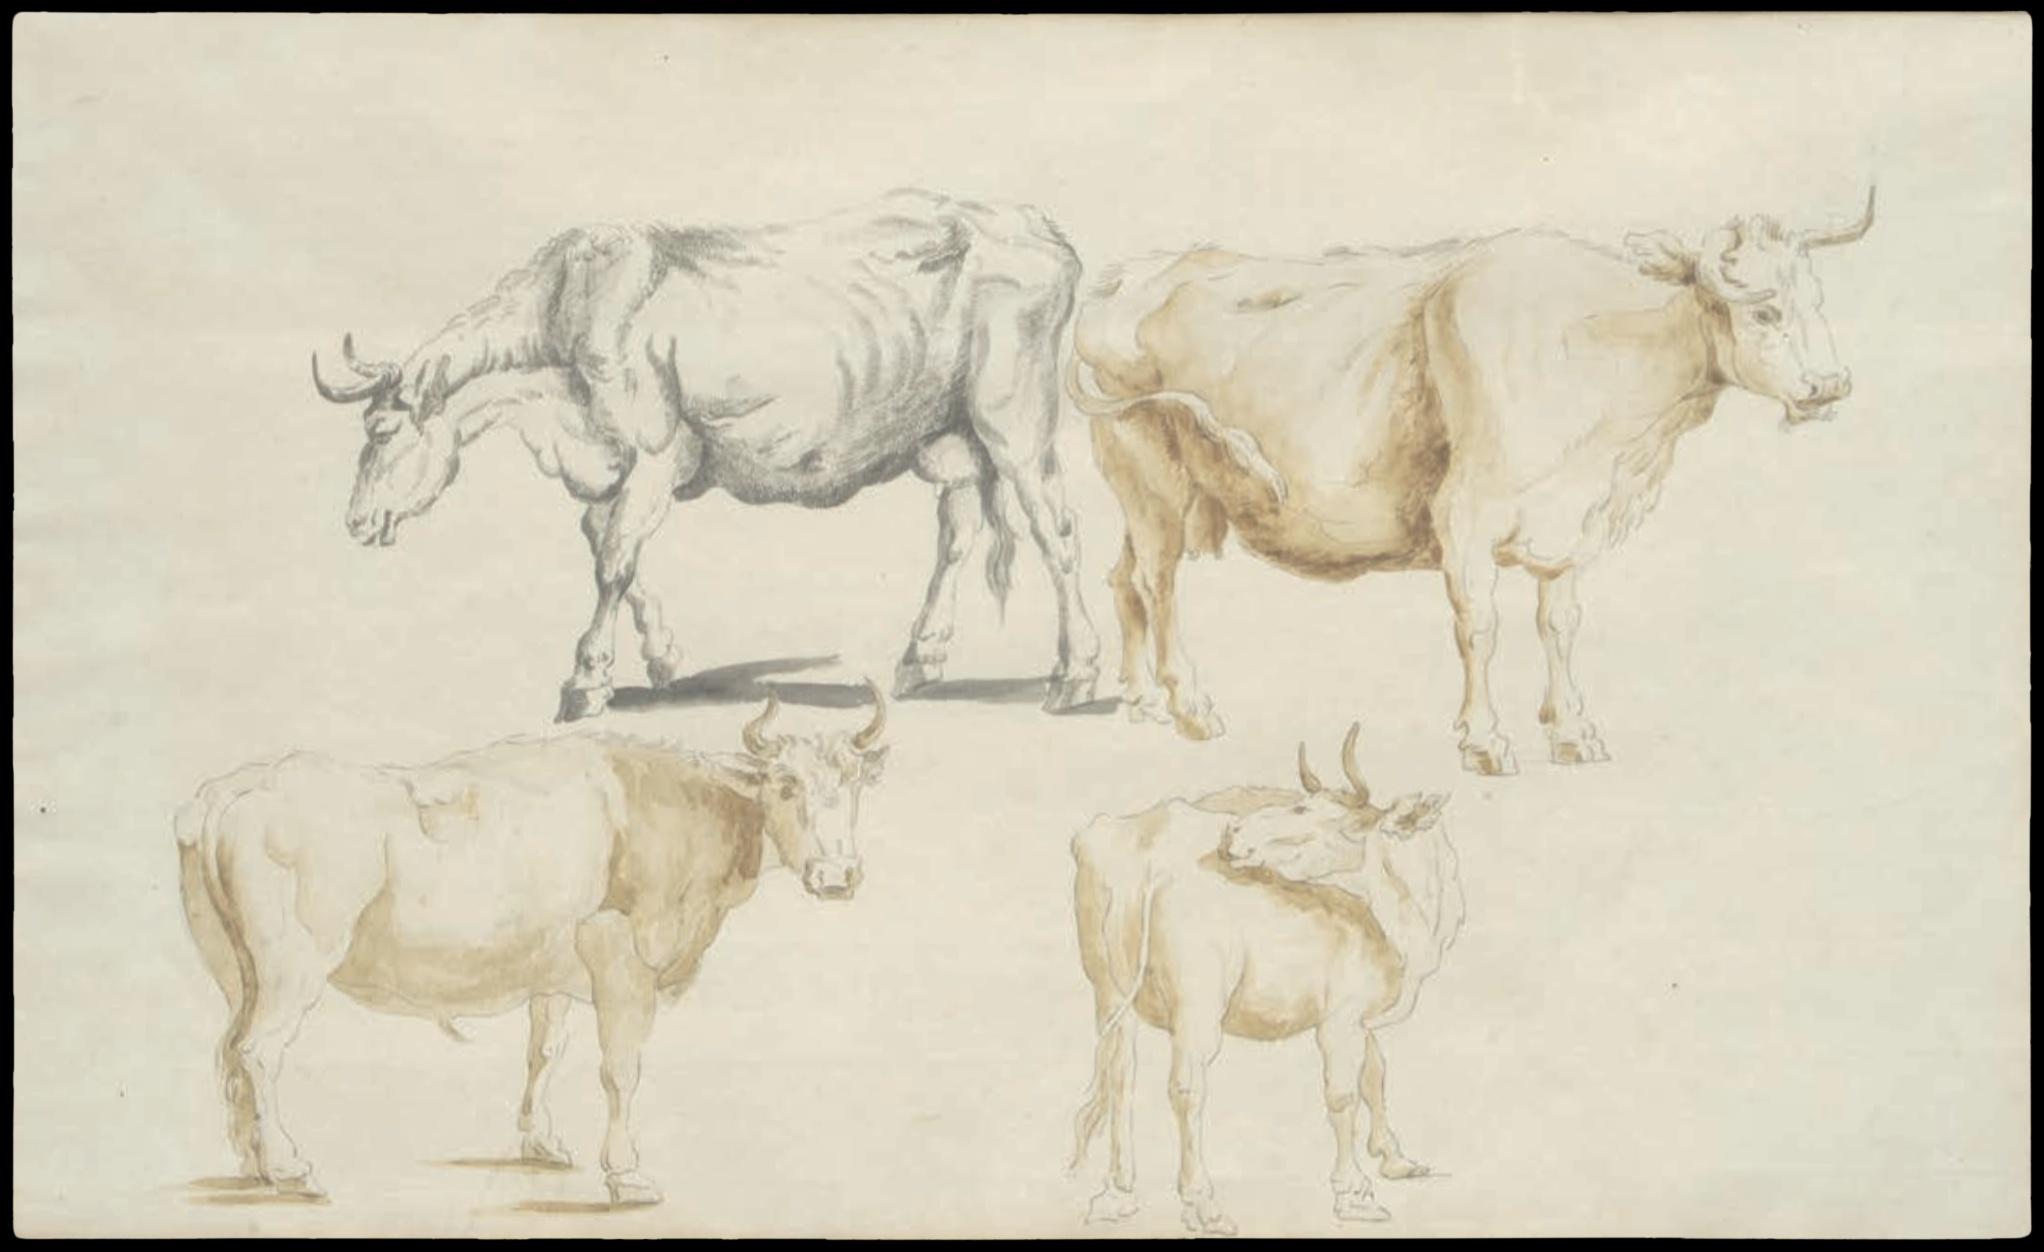 Dessin d'Italie de Jean-Baptiste TIERCE (Rouen 1737 – Florence 1794). Collection du Marquis de Sade Quatre études bovines